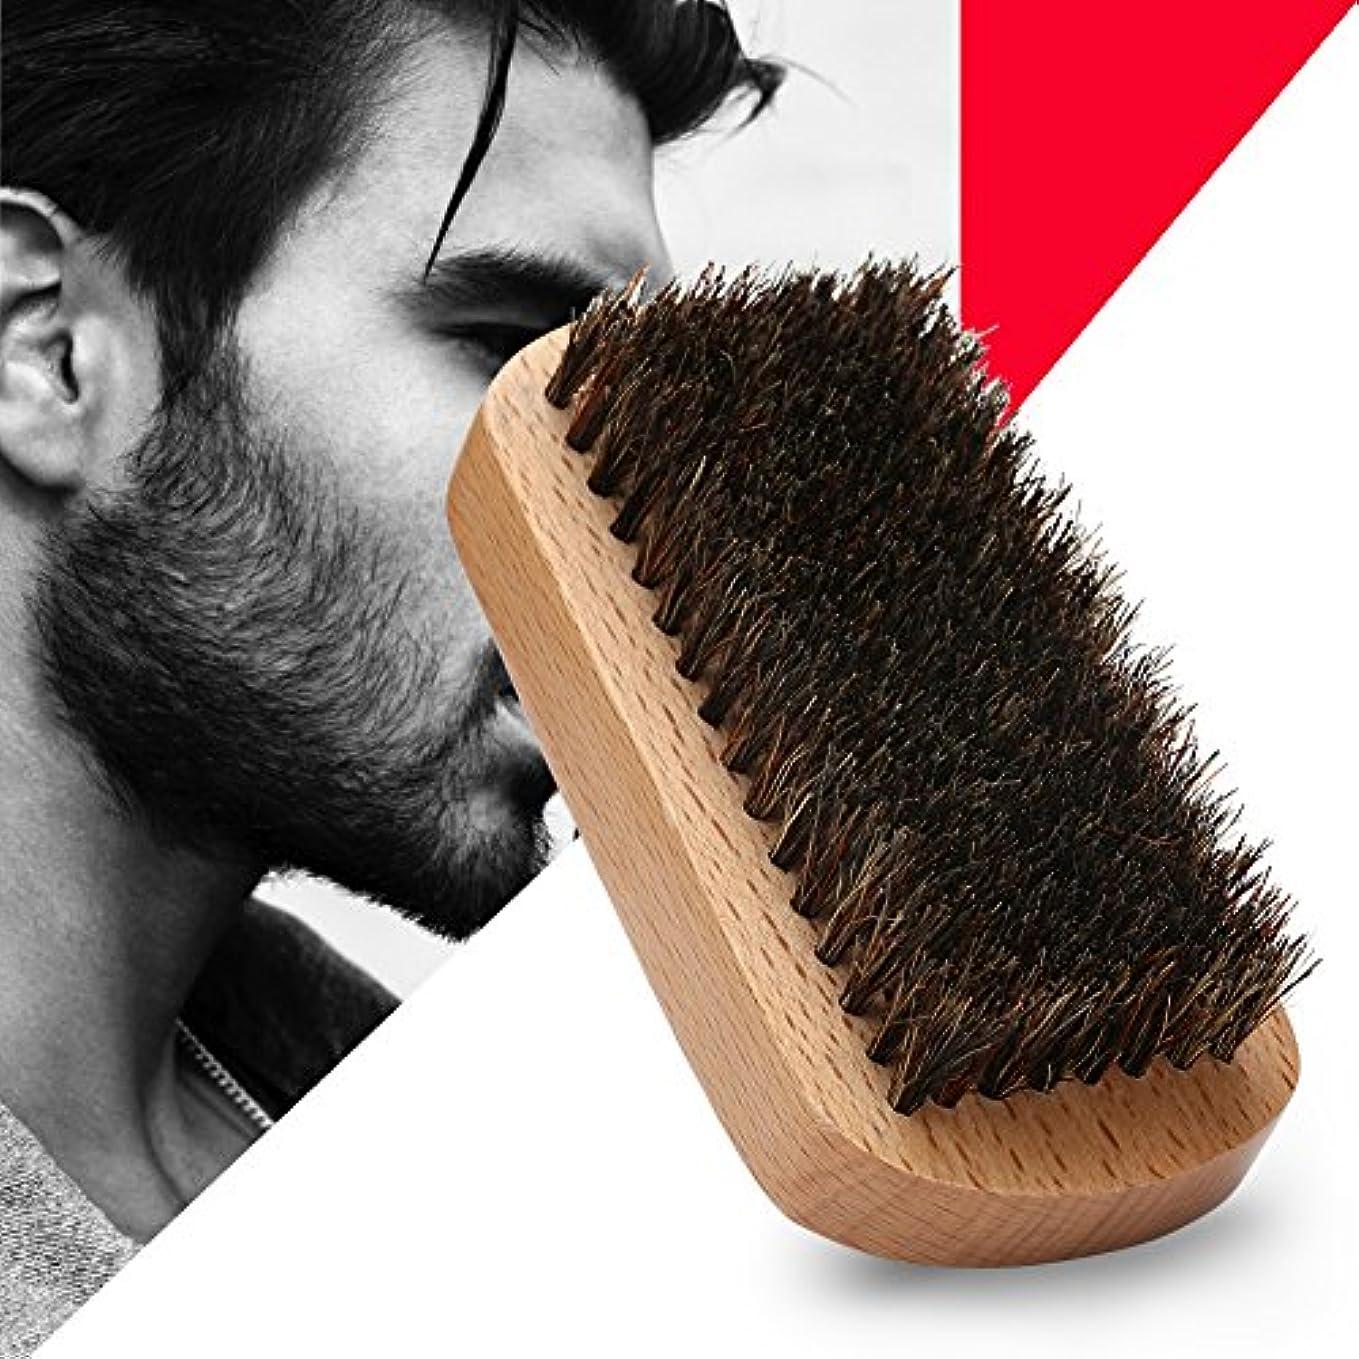 放置熱複製シェービングブラシ メンズ ウッド 豚剛毛 クリーニング 髭剃り 泡立ち 洗顔ブラシ メンズ ブラック 長方形